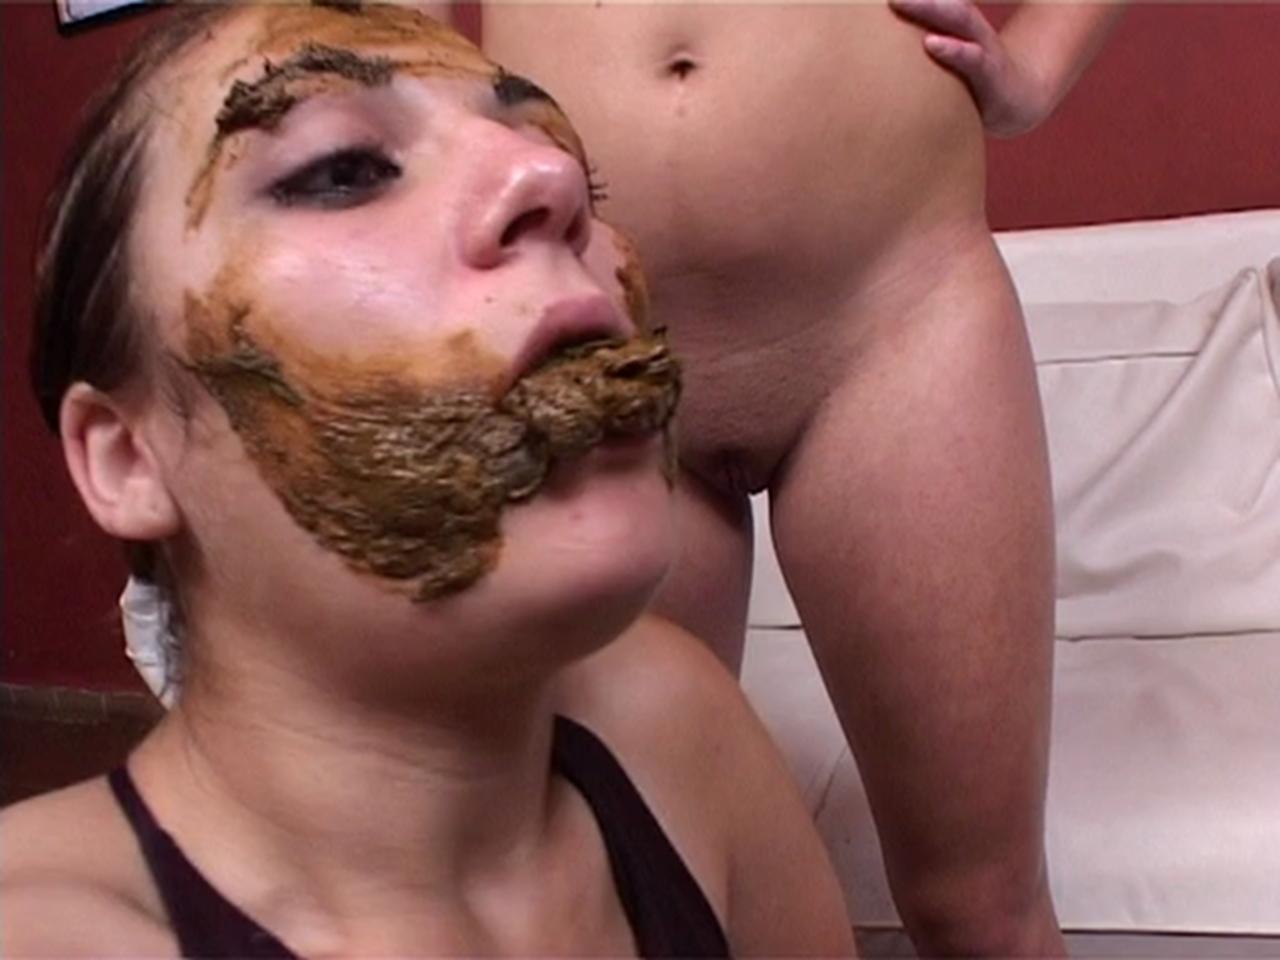 Women eating women shit